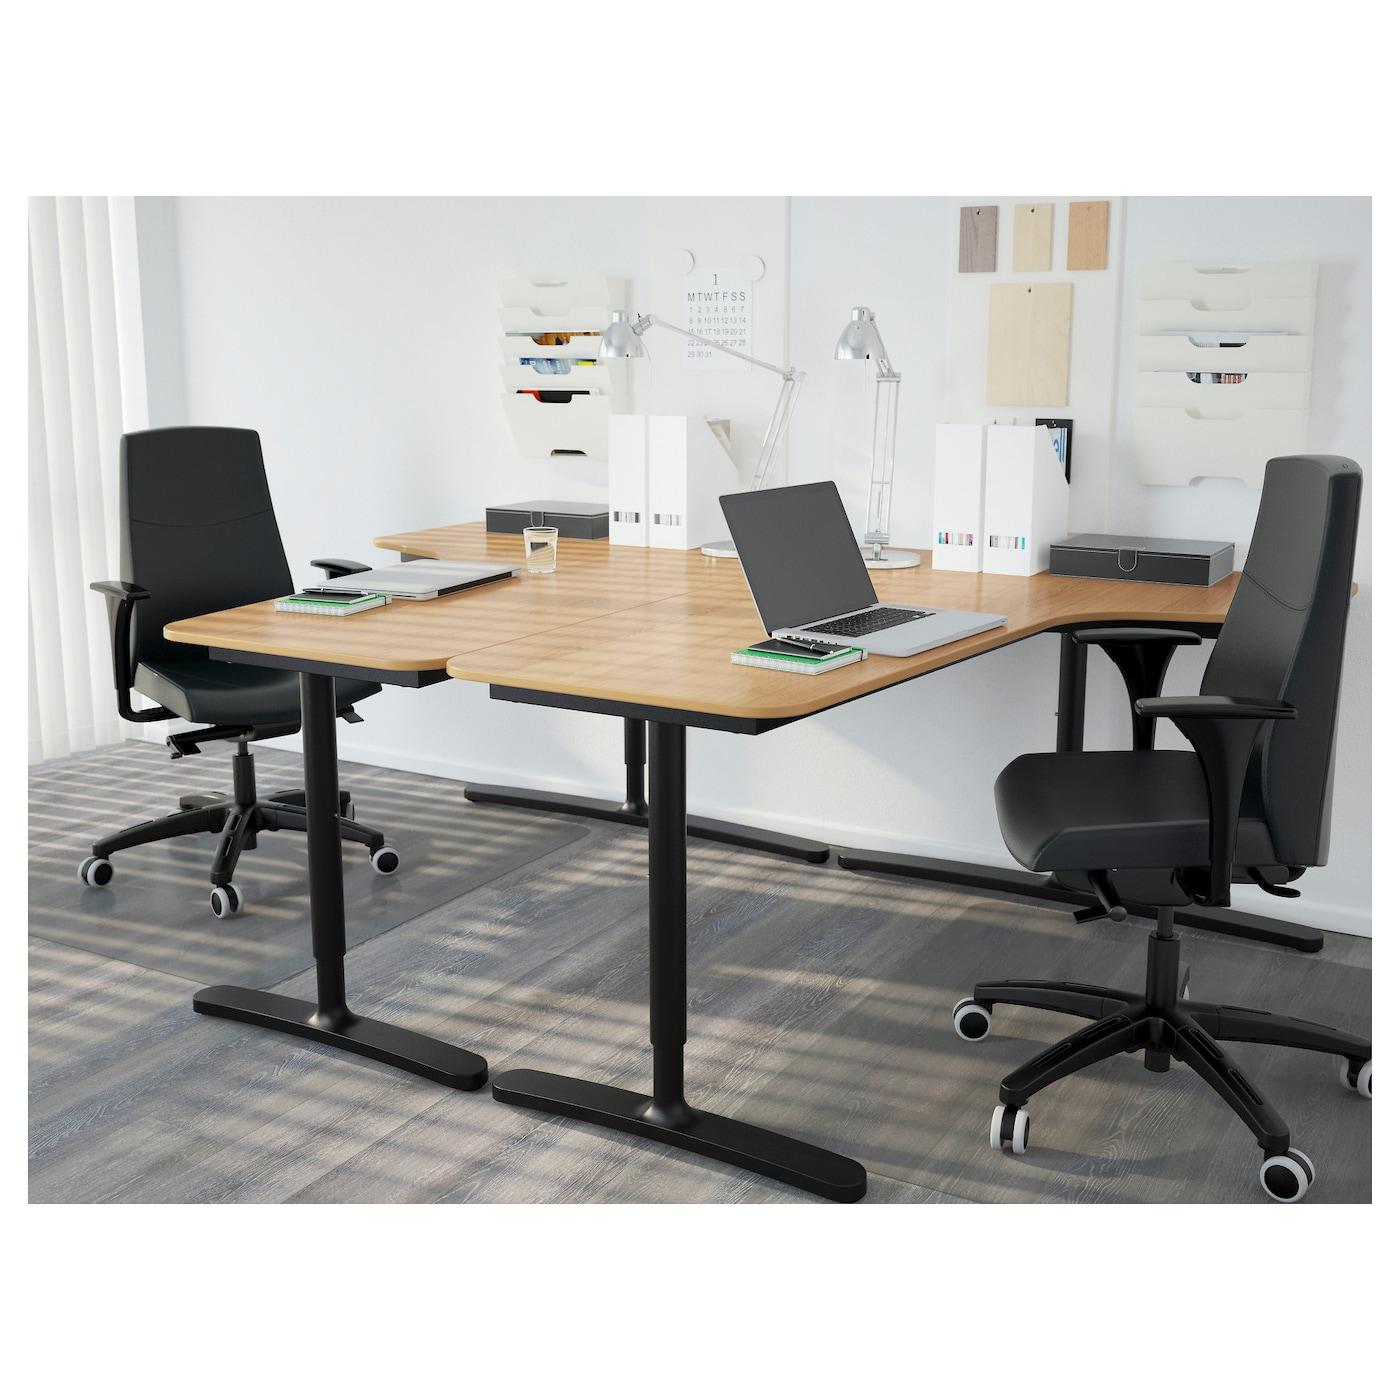 bekant corner desk left oak veneer black 160 x 110 cm ikea. Black Bedroom Furniture Sets. Home Design Ideas